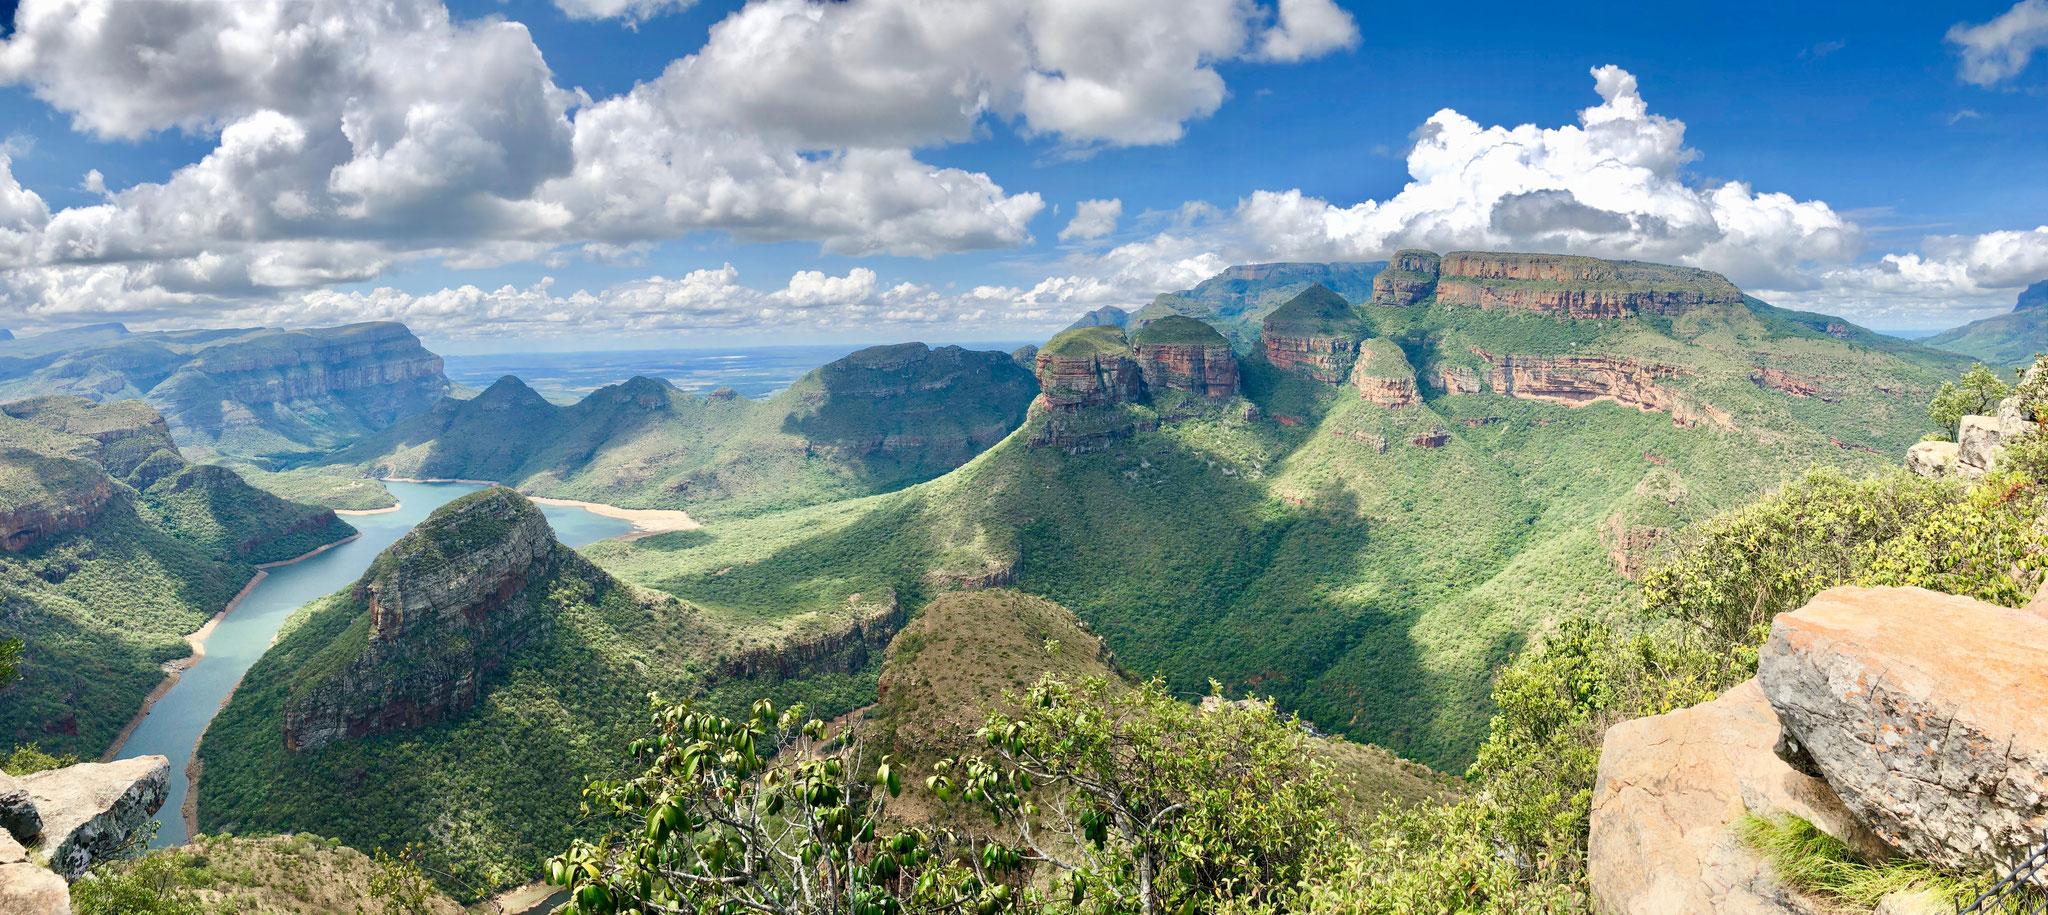 Der Norden im Süden Afrikas